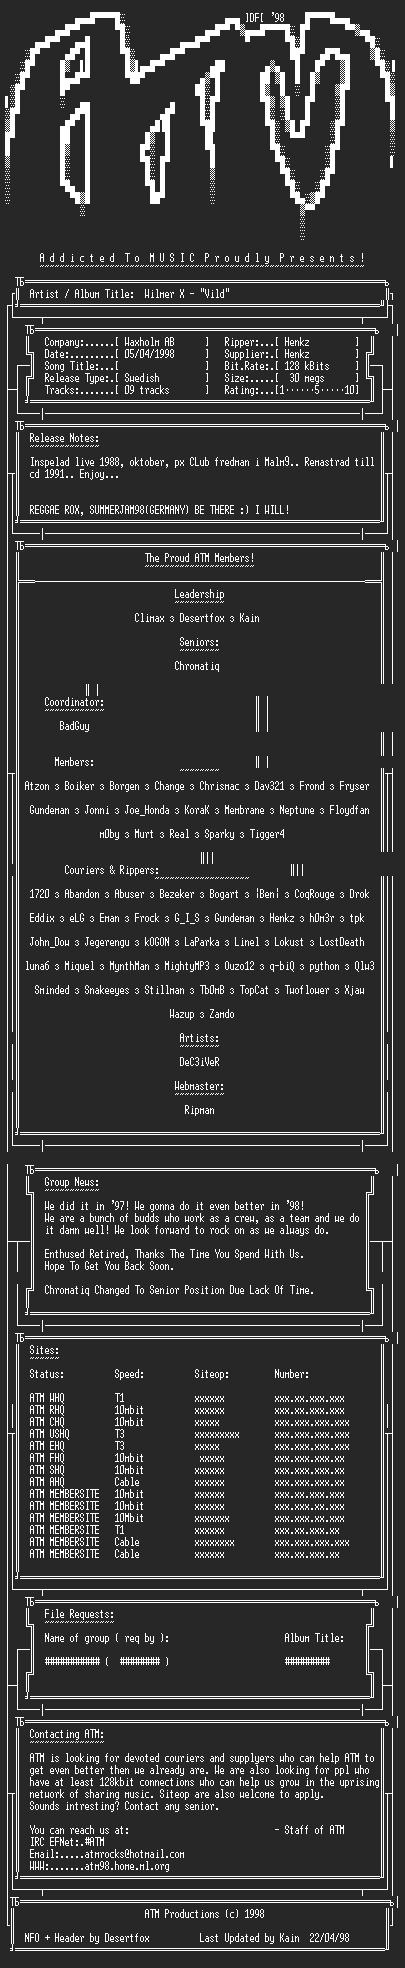 NFO file for Wilmer_X-Vild-ATM